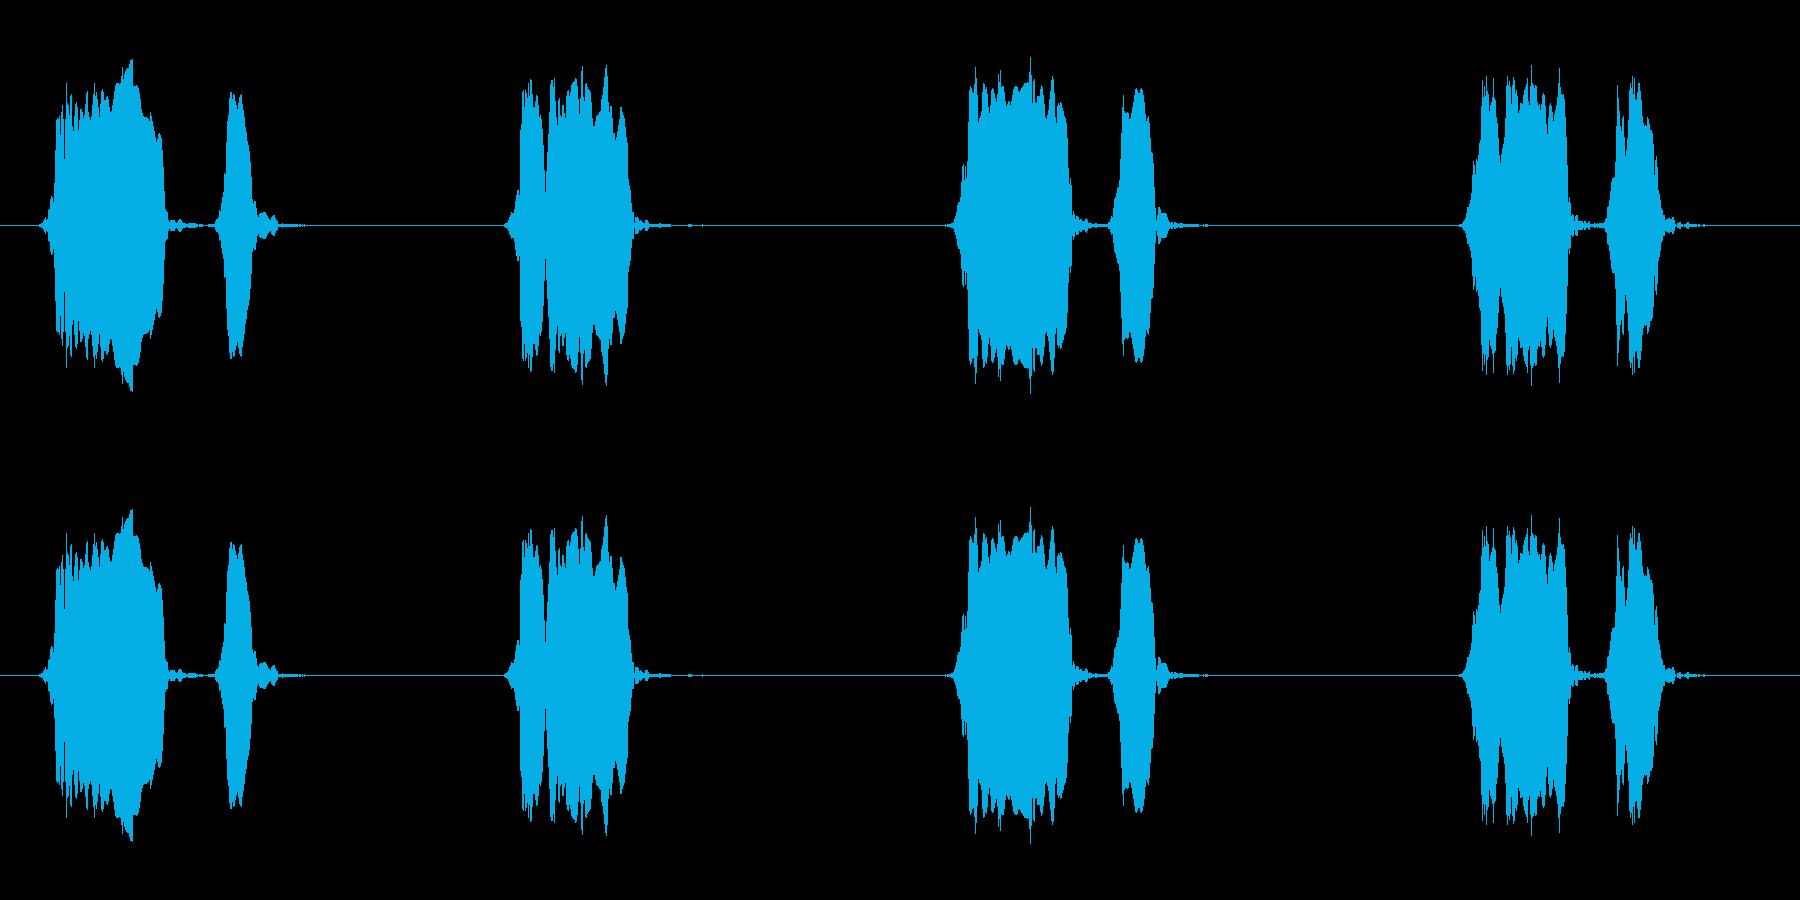 ウズラの鳴き声02-01の再生済みの波形